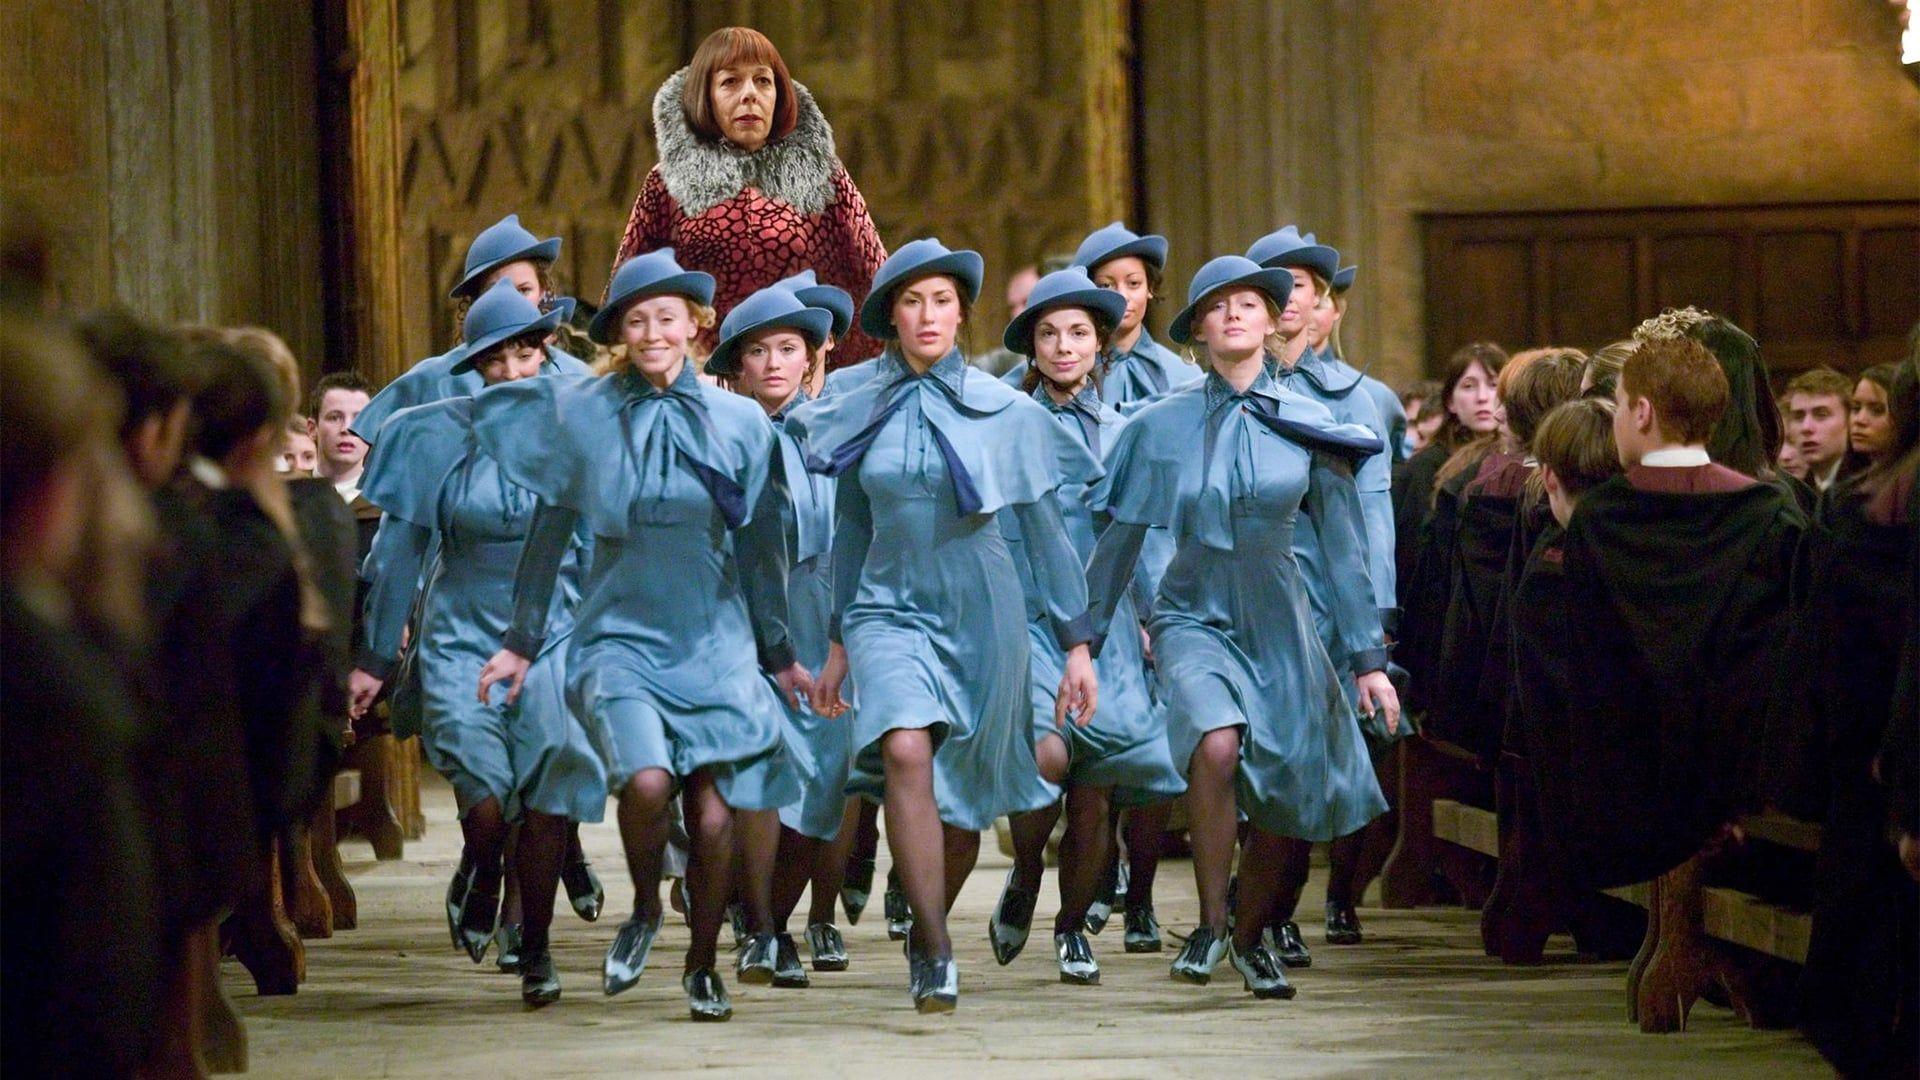 Harry Er Naet Til Sit Fjerde Ar Pa Hogwarts Skole For Allehande Hekserier Han Haber Pa Et Stille Ar I Studiernes Tjeneste Harry Potter Hogwarts Goblet Of Fire